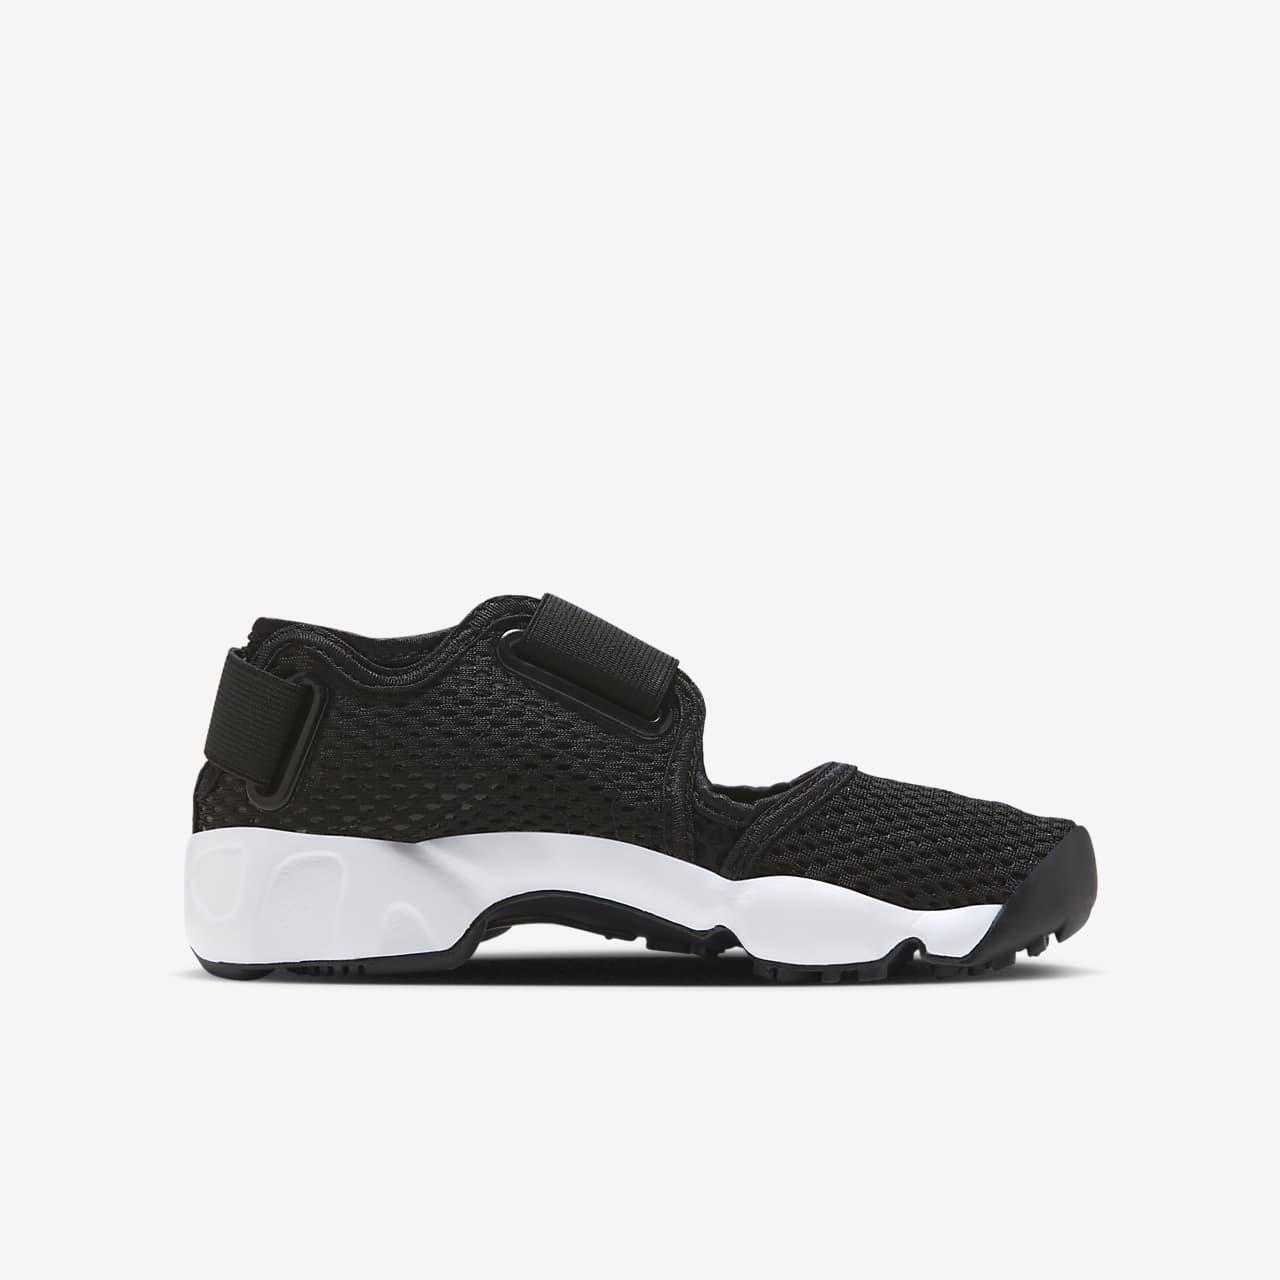 quality design 79796 5b3ae ... Nike Air Rift (10.5c-3y) Kids  Shoe